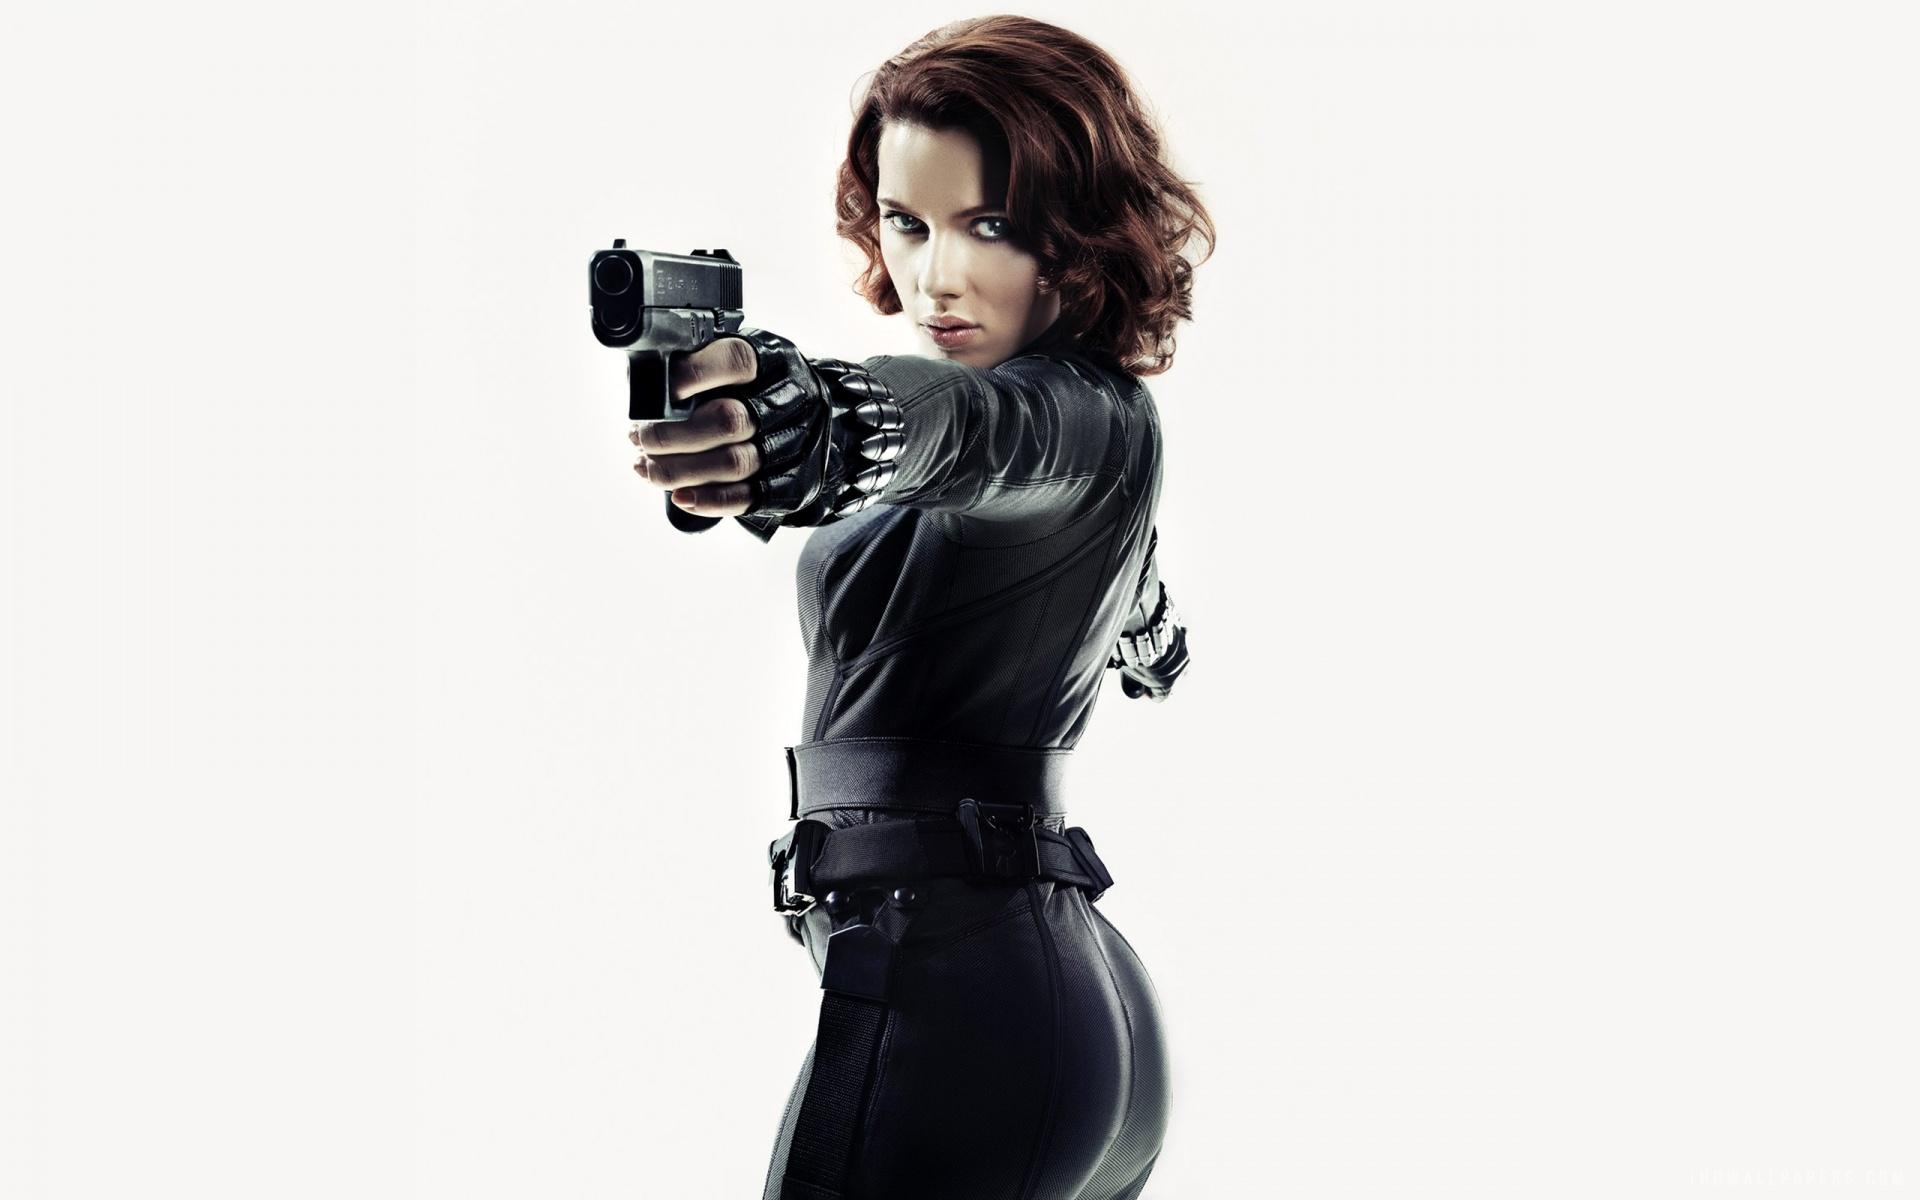 Scarlett Johansson Black Widow HD Wallpaper   iHD Wallpapers 1920x1200